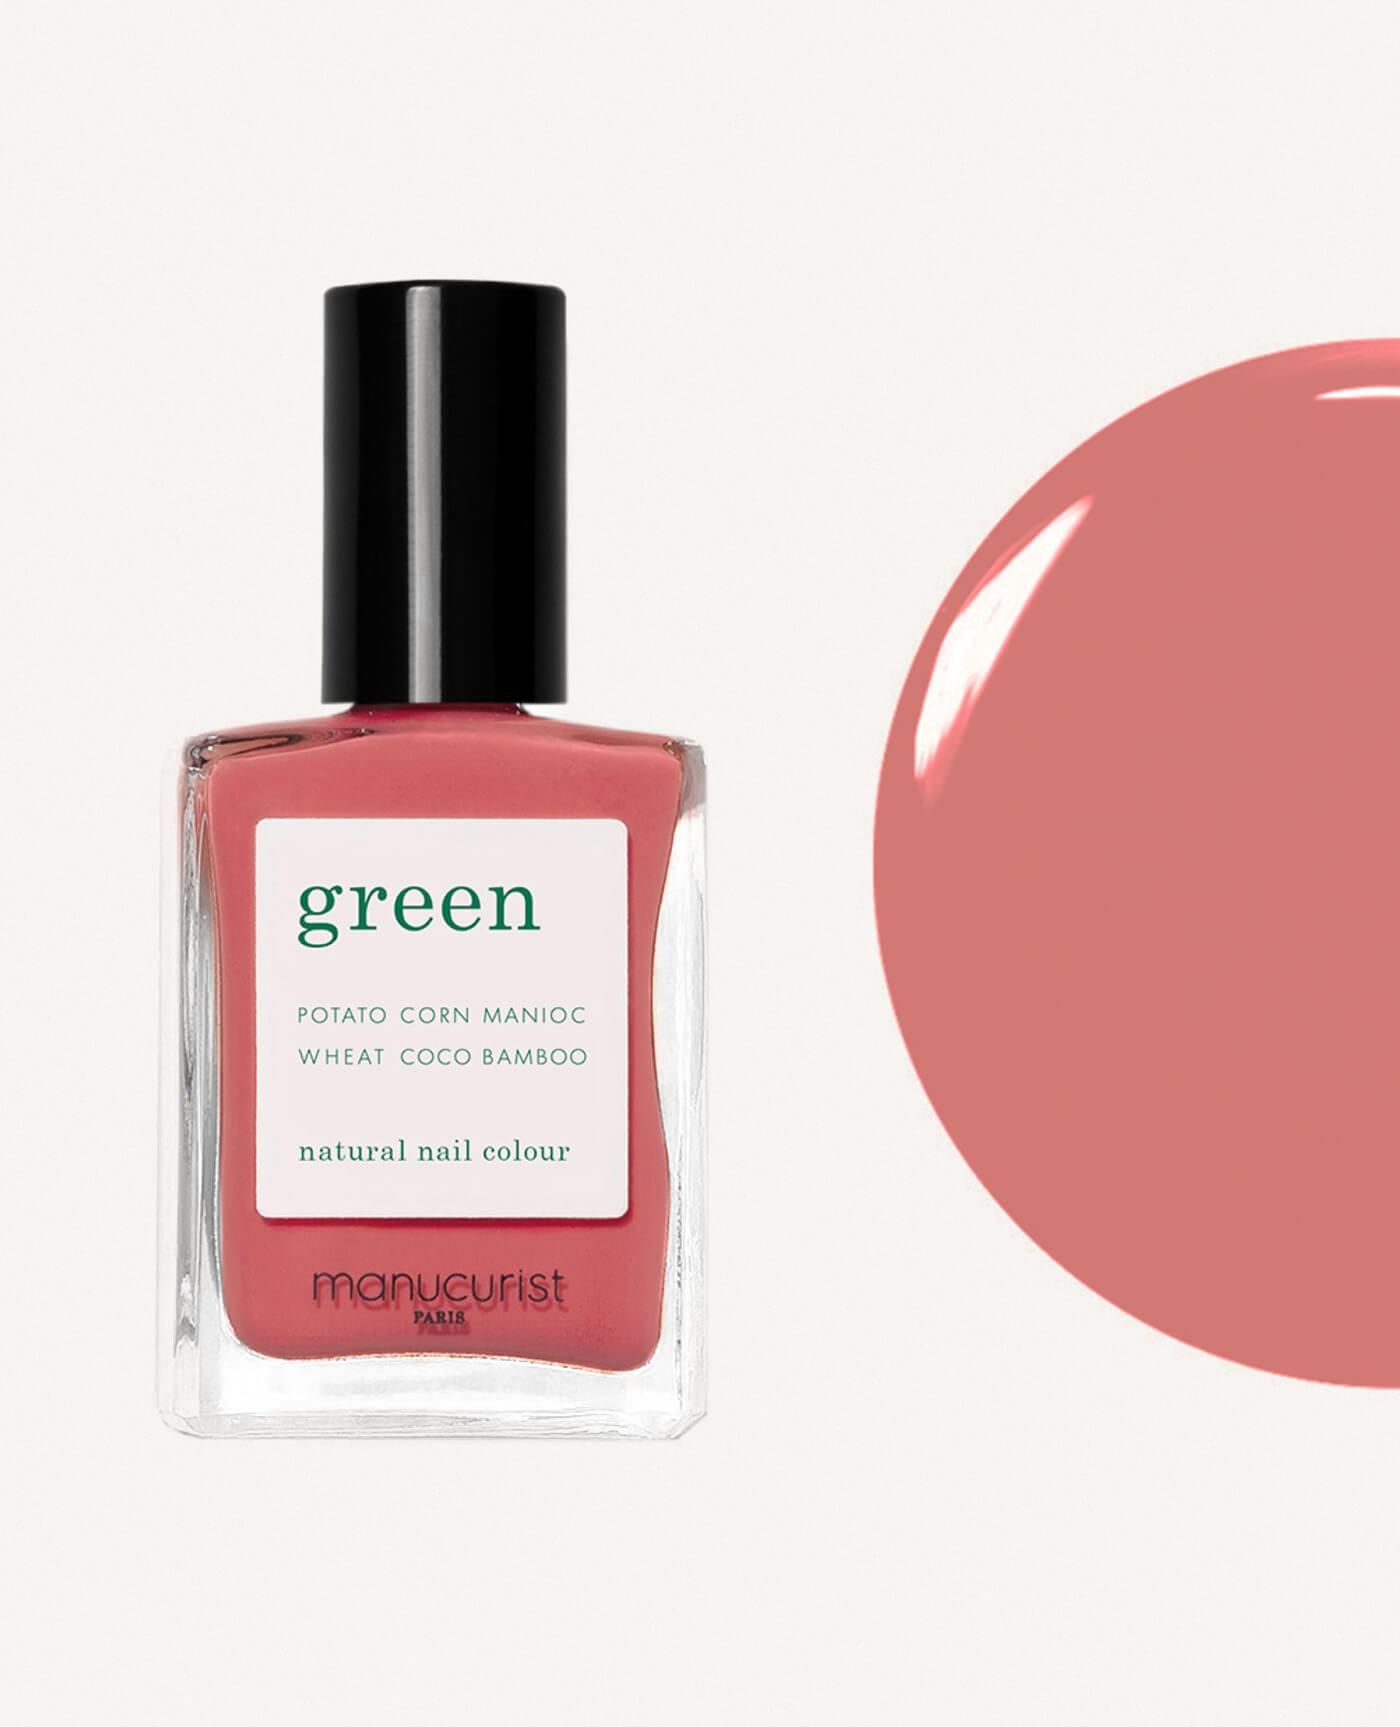 vernis à ongles bio green de la marque Manucurist made in france de couleur bois de rose